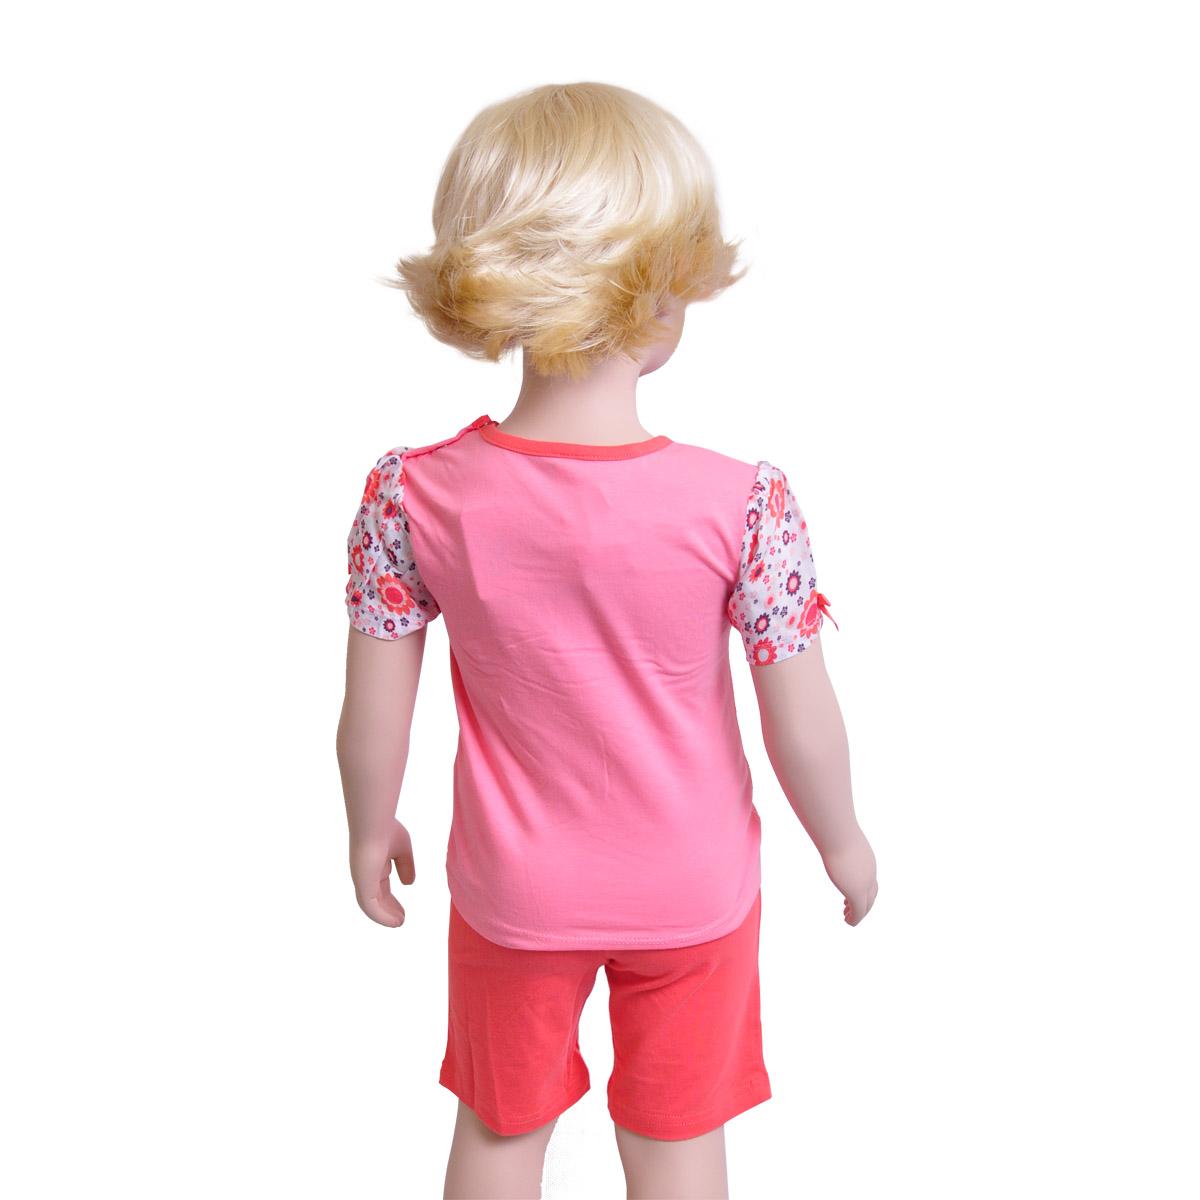 Комплект Veneya Венейя (футболка+шорты) для девочки, розовый размер 86